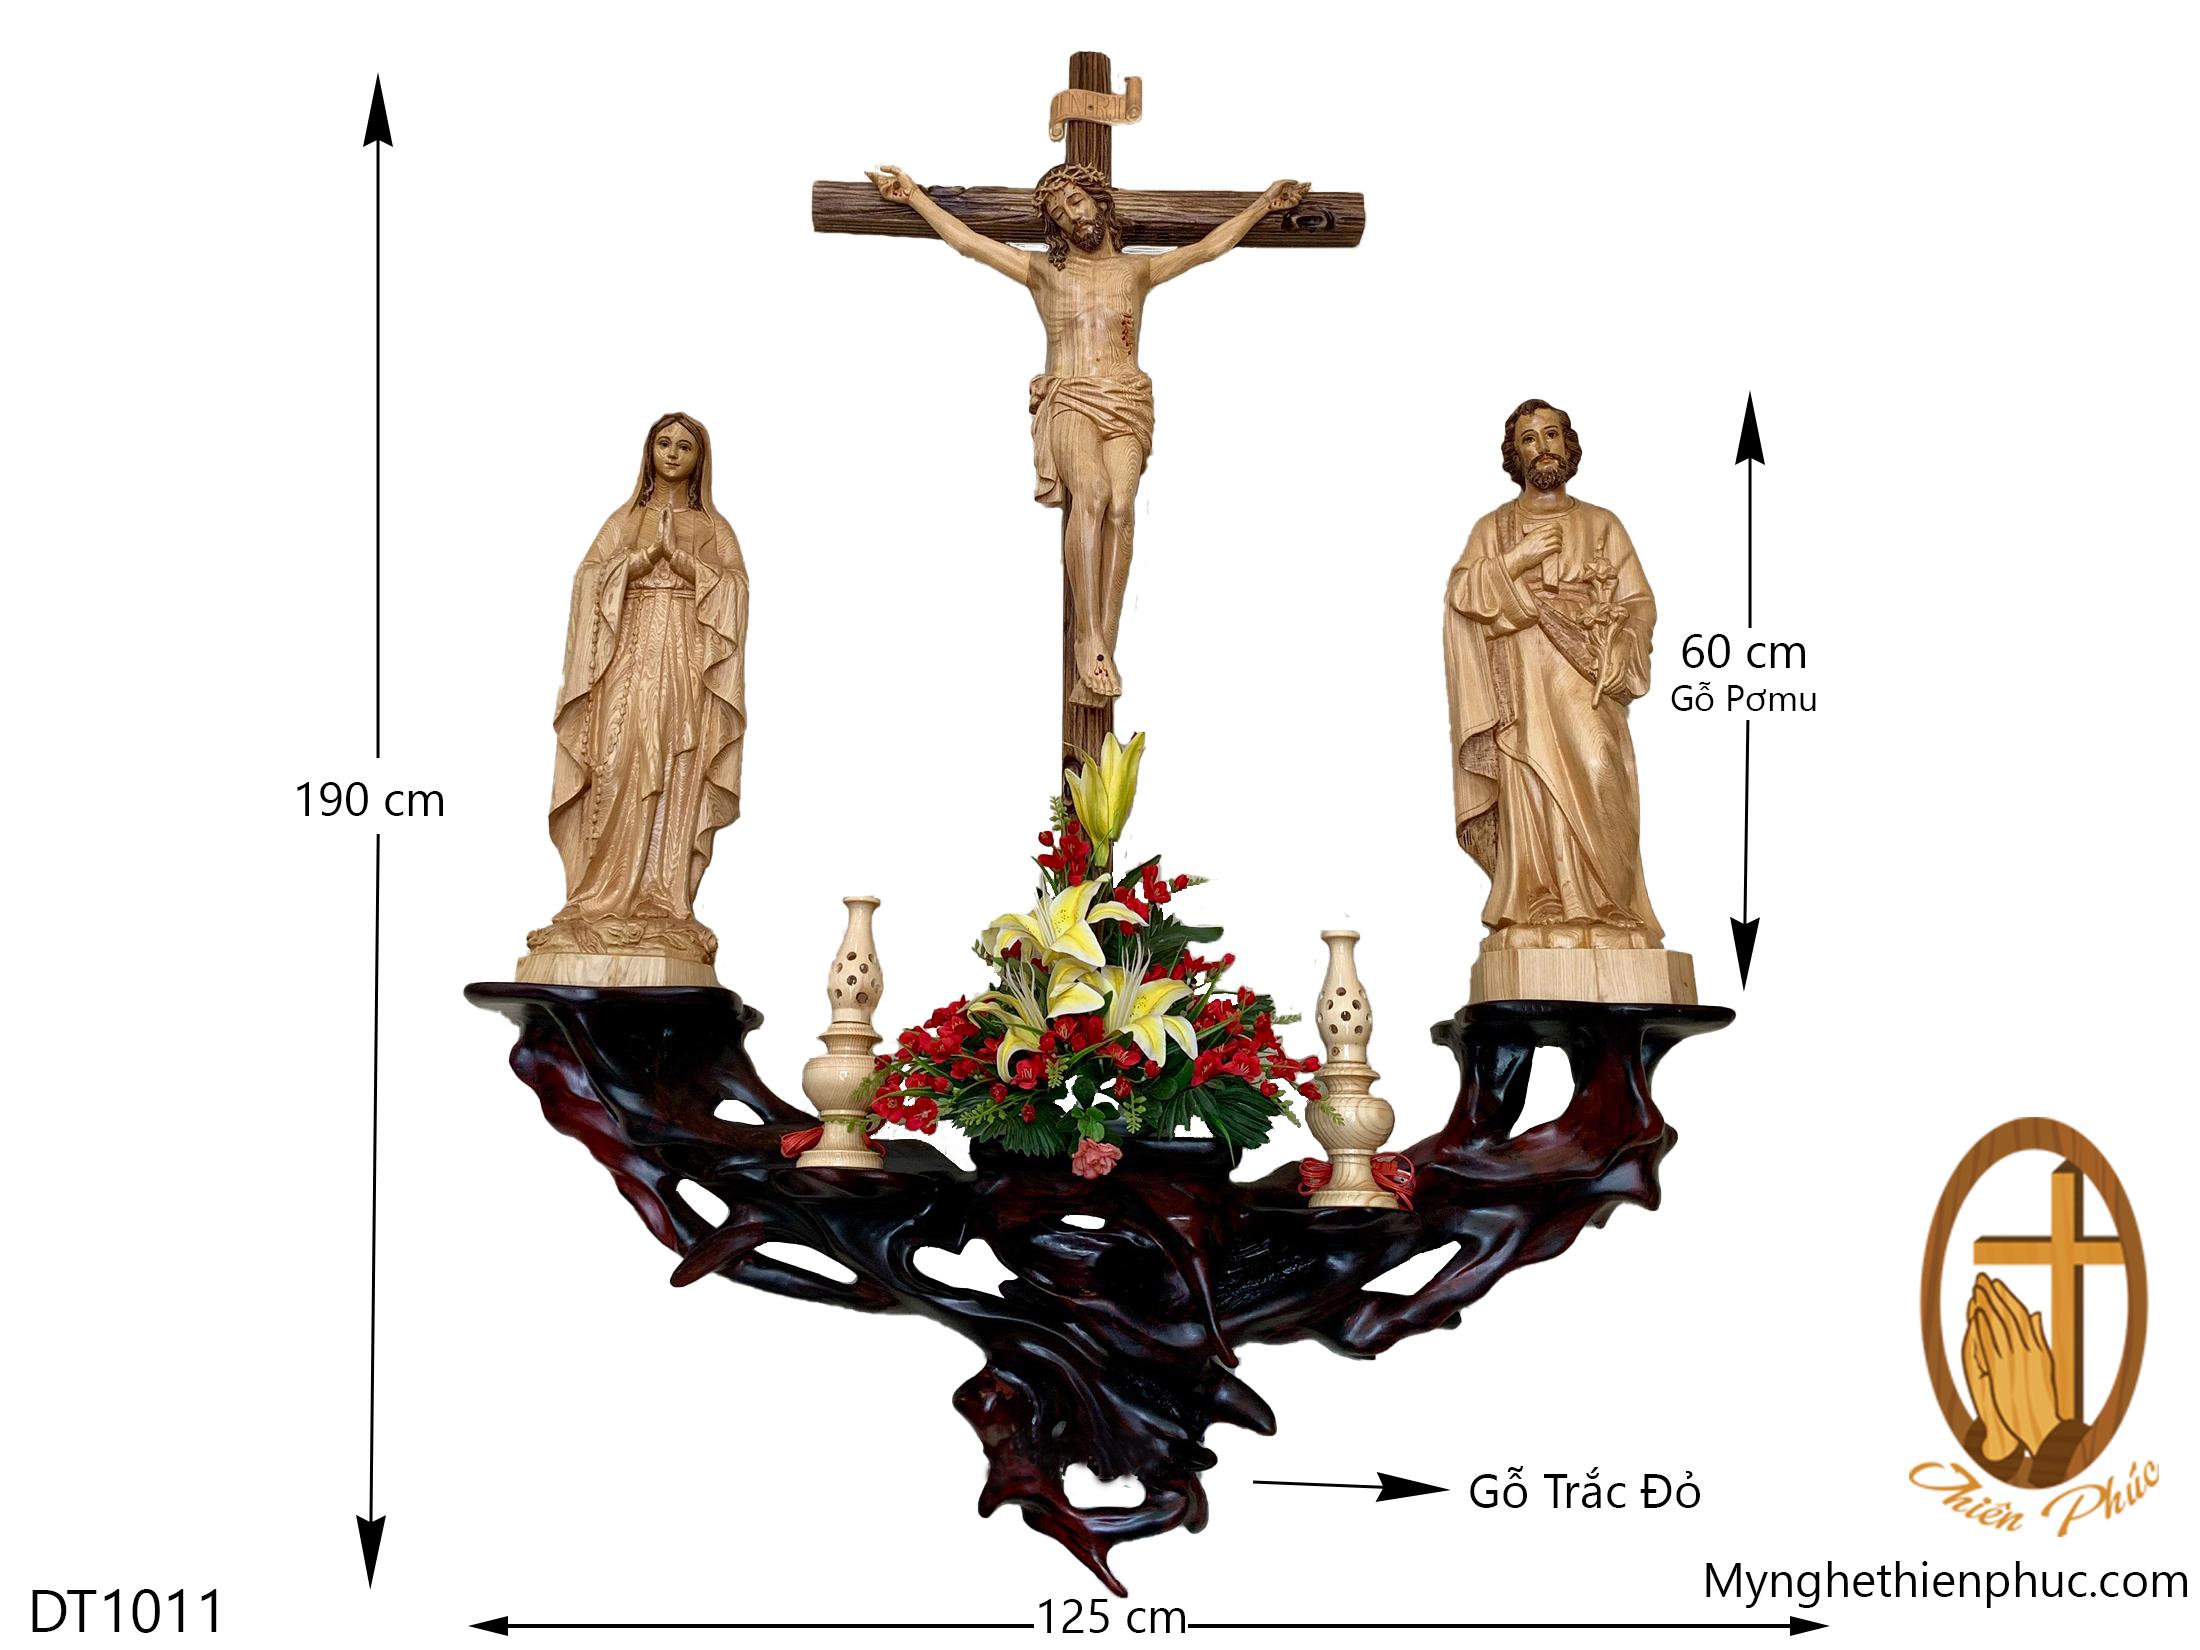 Bộ bàn thờ công giáo DT1011